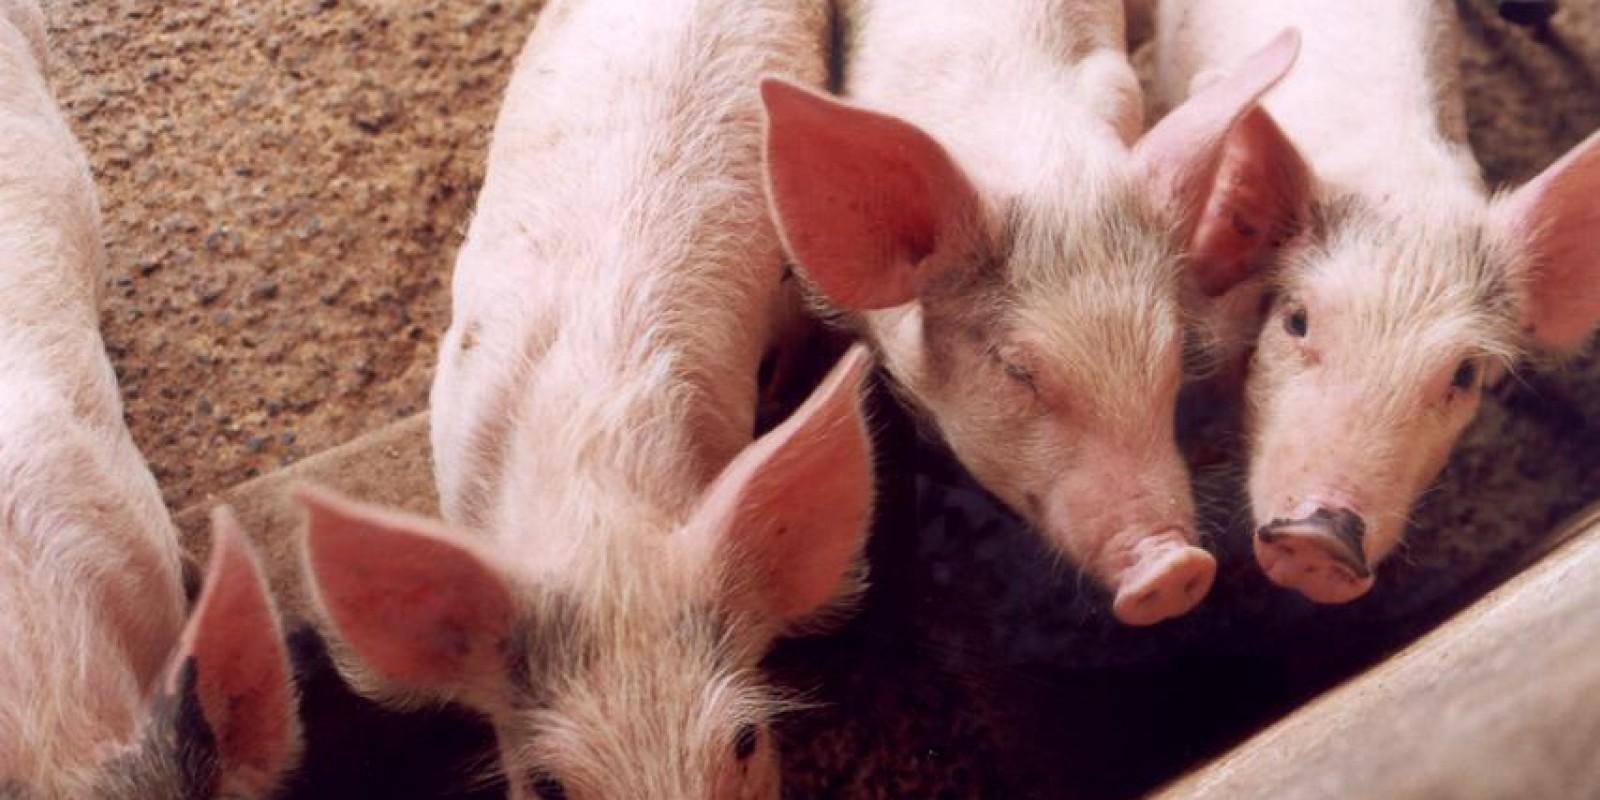 Trânsito de suínos para o abate registra alta em Minas